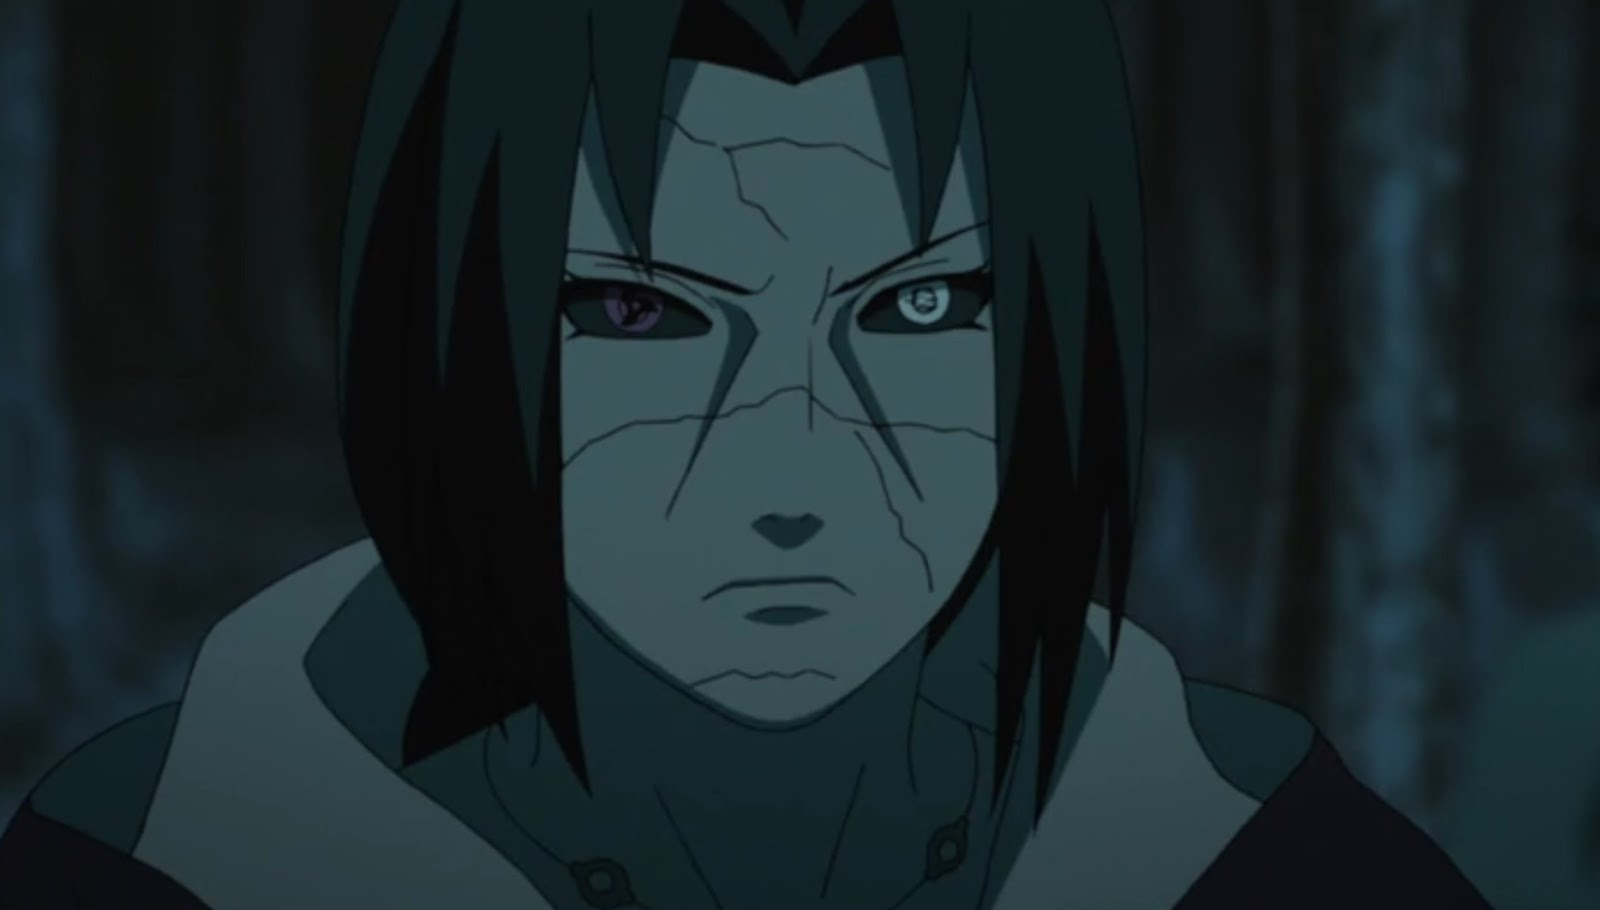 Naruto Shippuden Episódio 337, Assistir Naruto Shippuden Episódio 337, Assistir Naruto Shippuden Todos os Episódios Legendado, Naruto Shippuden episódio 337,HD